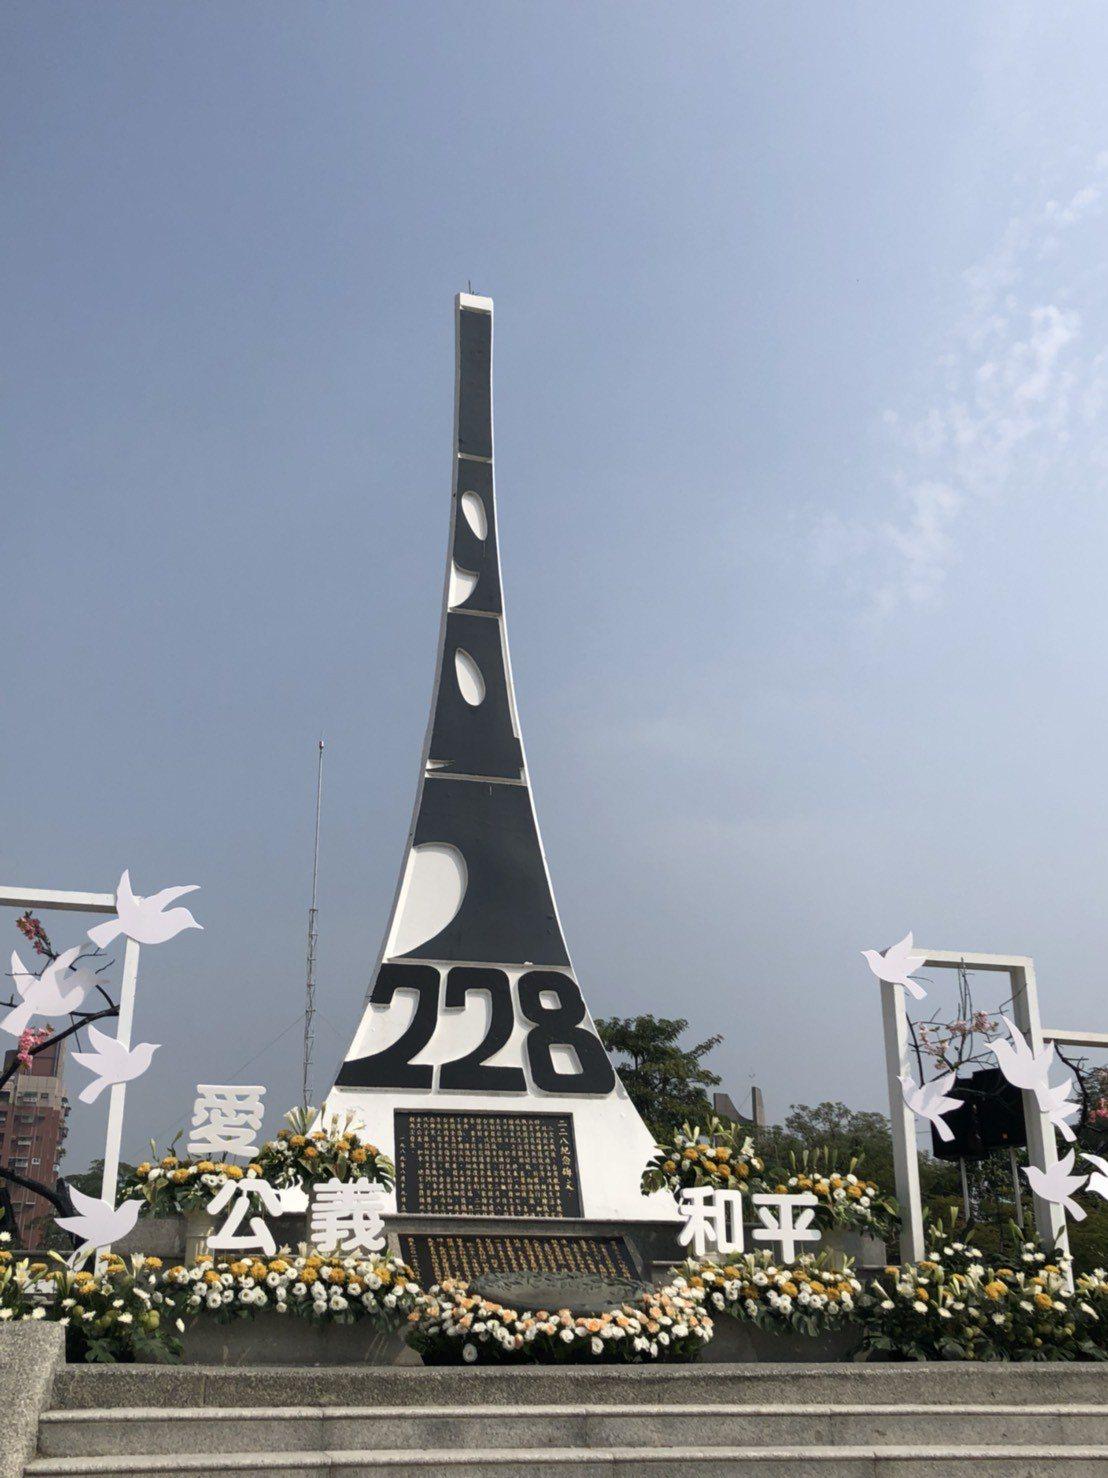 建築師呂欽文在臉書發文表示,有位朋友在近日才知道為何自己生日明明是224,有段時...